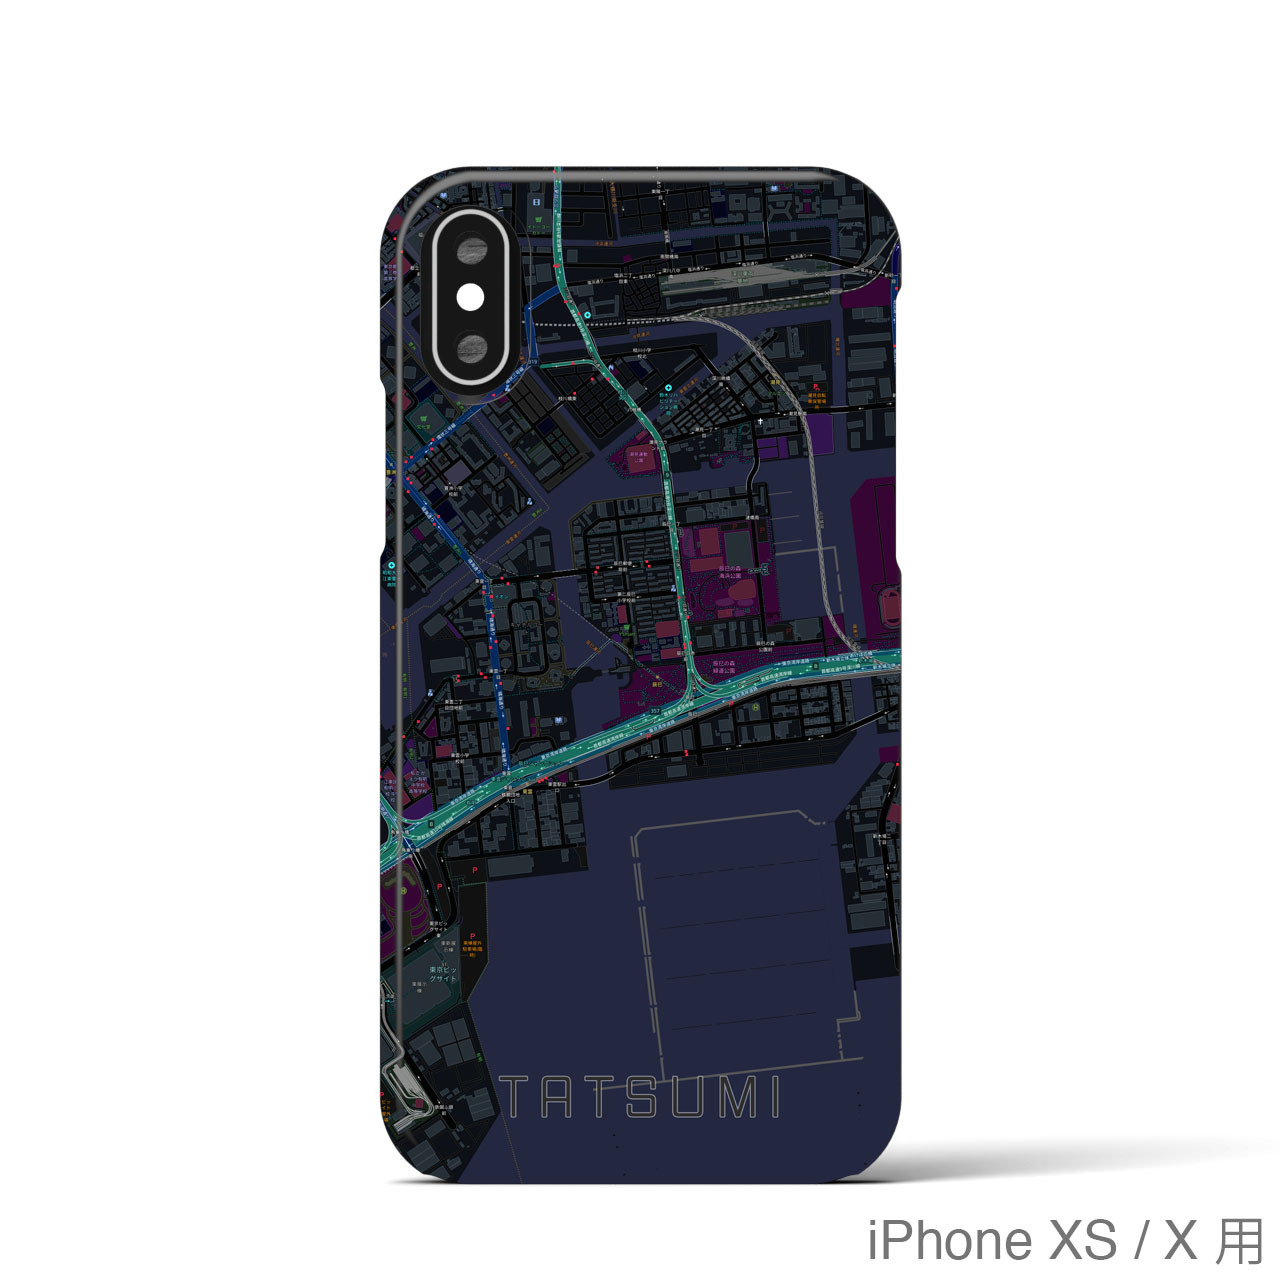 【辰巳】地図柄iPhoneケース(バックカバータイプ・ブラック)